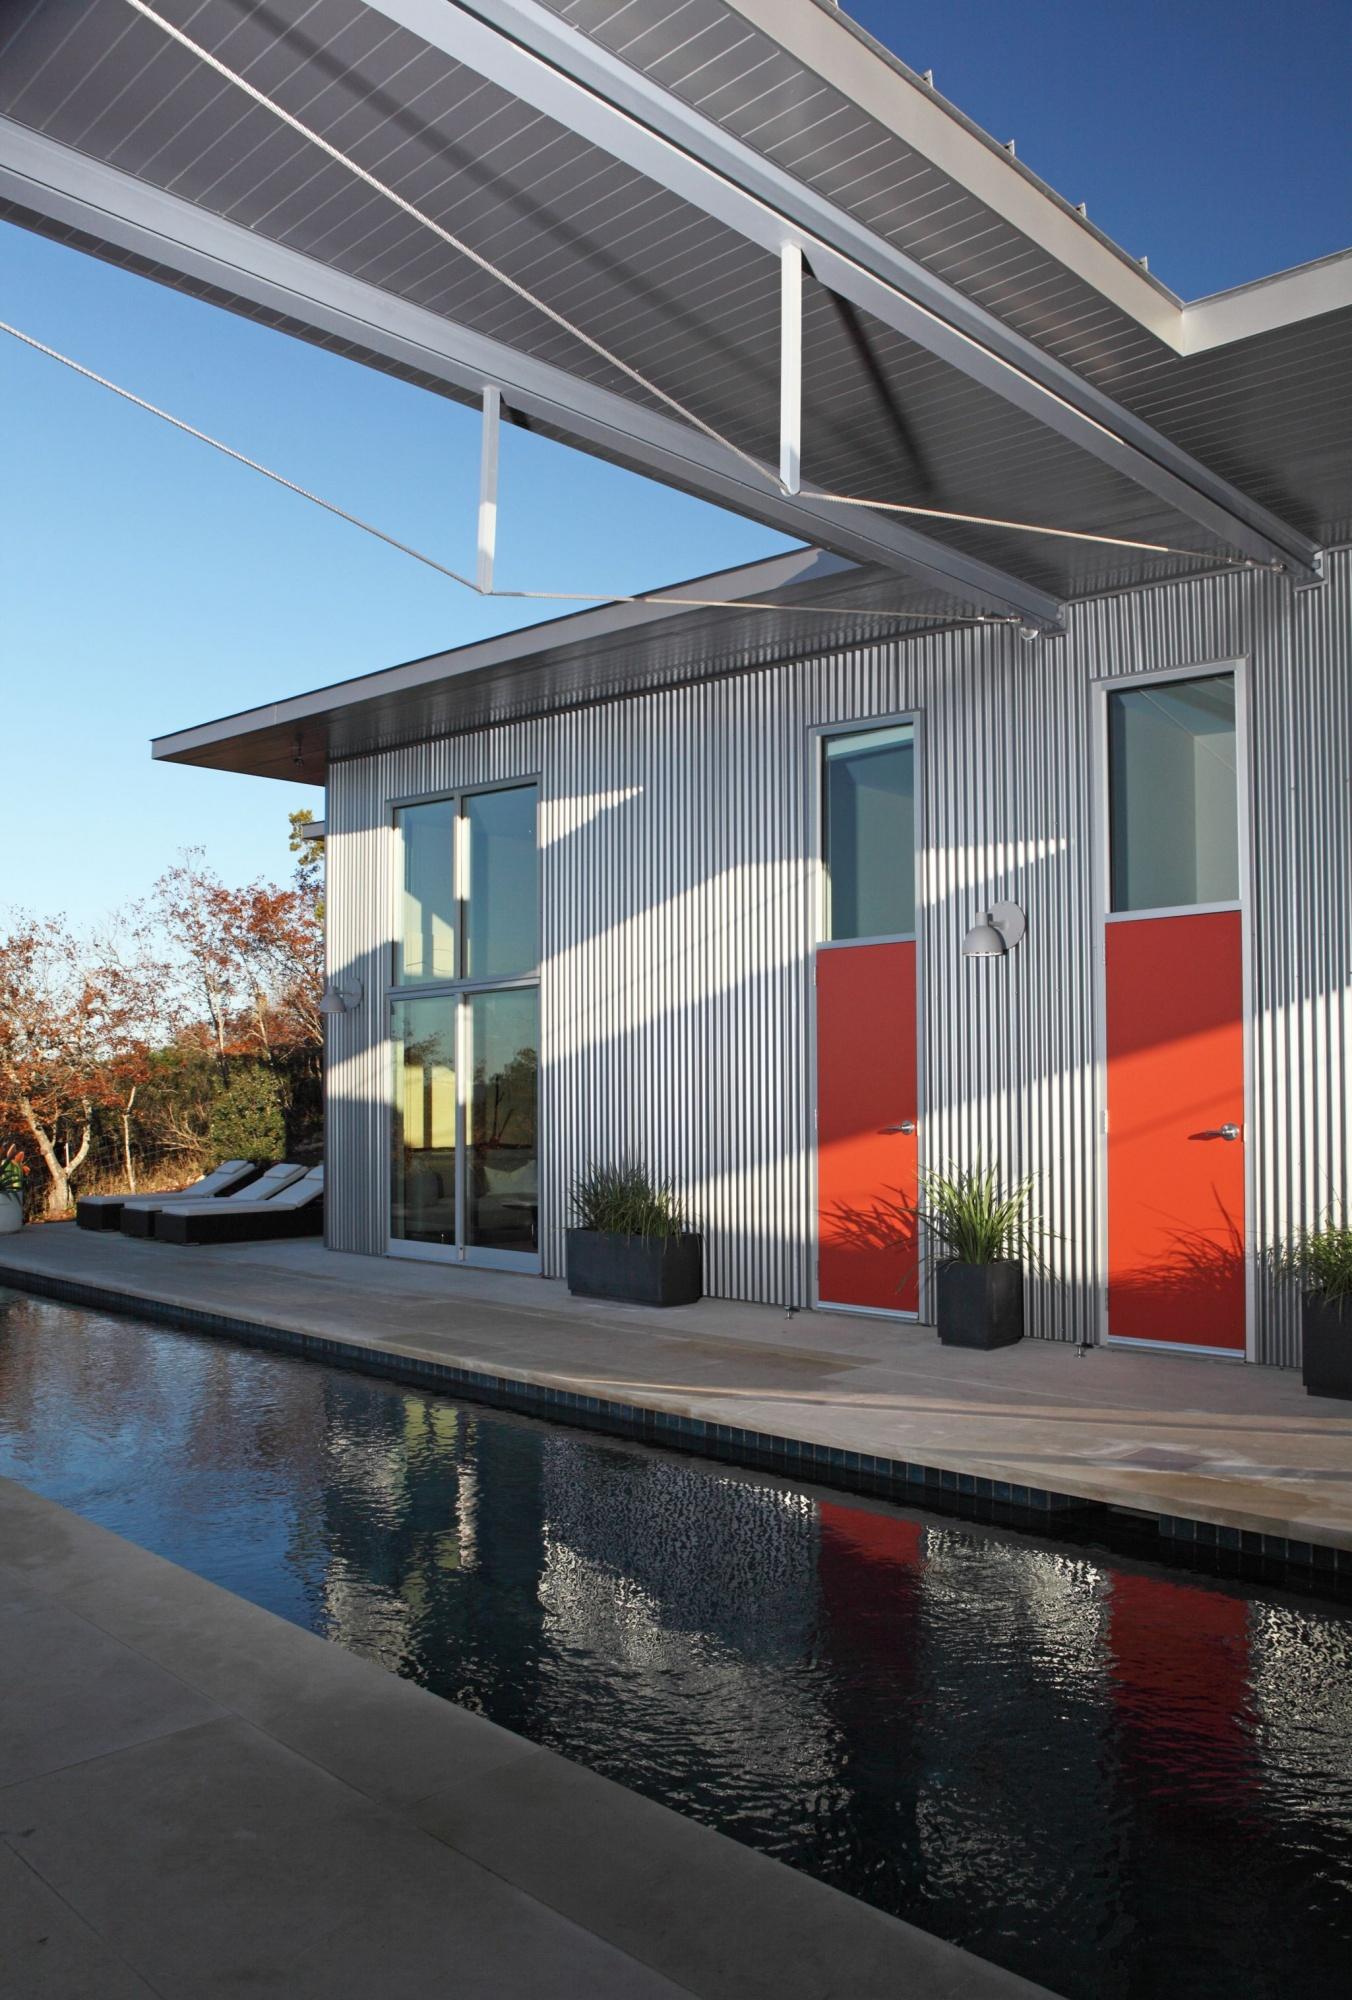 Color creates a sense of fun to this outdoor space.